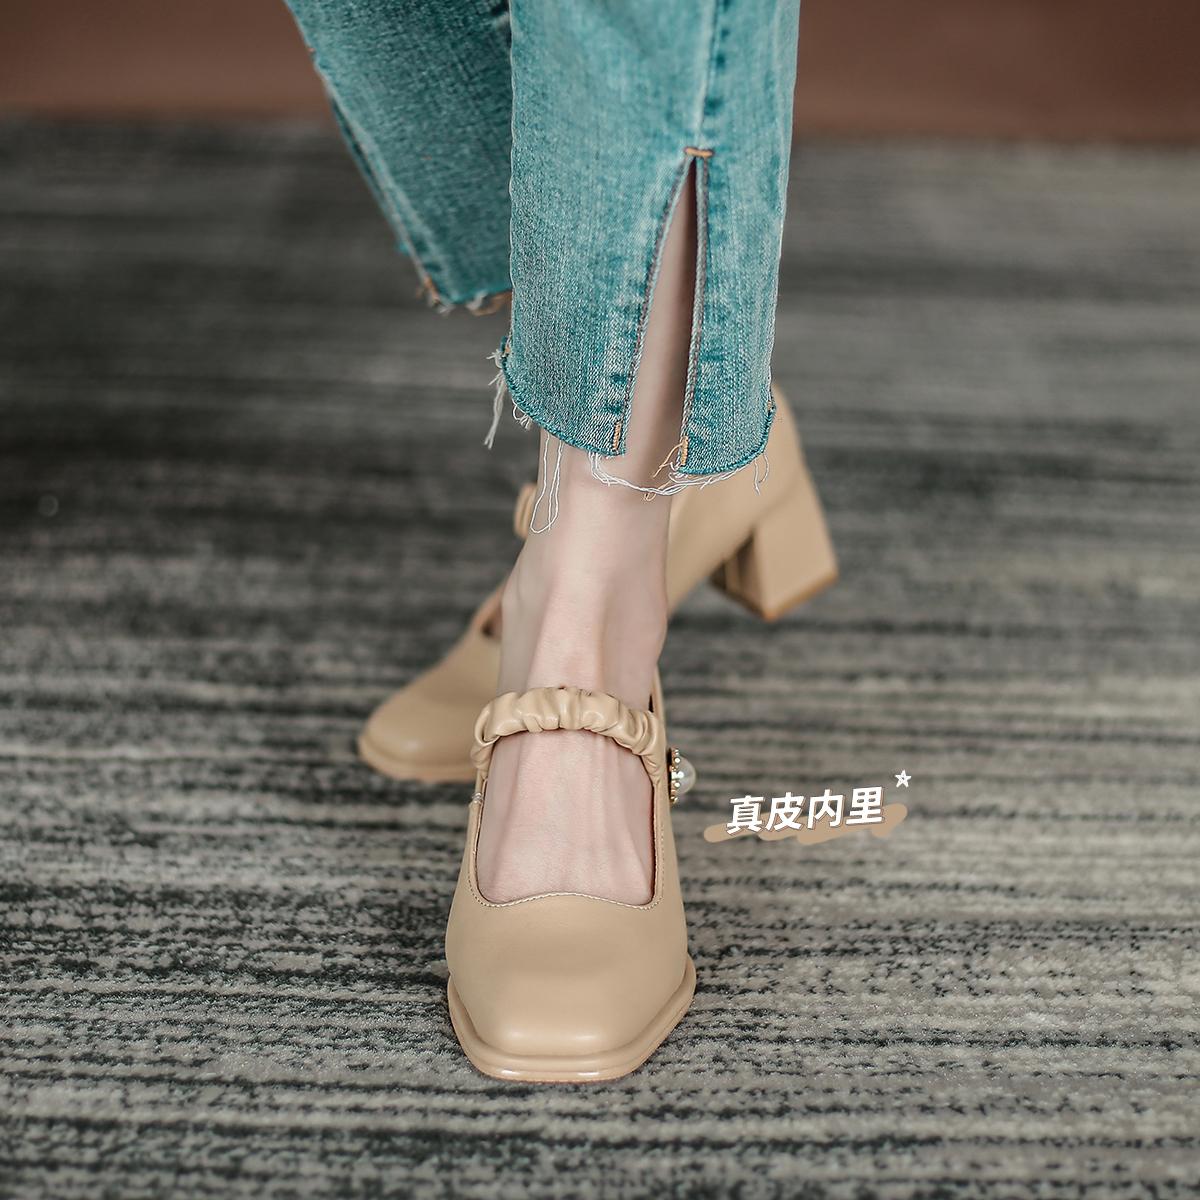 FXSO方巷大叔单鞋百搭2021新春夏季法式高中跟粗跟网红玛丽珍女鞋 No.2